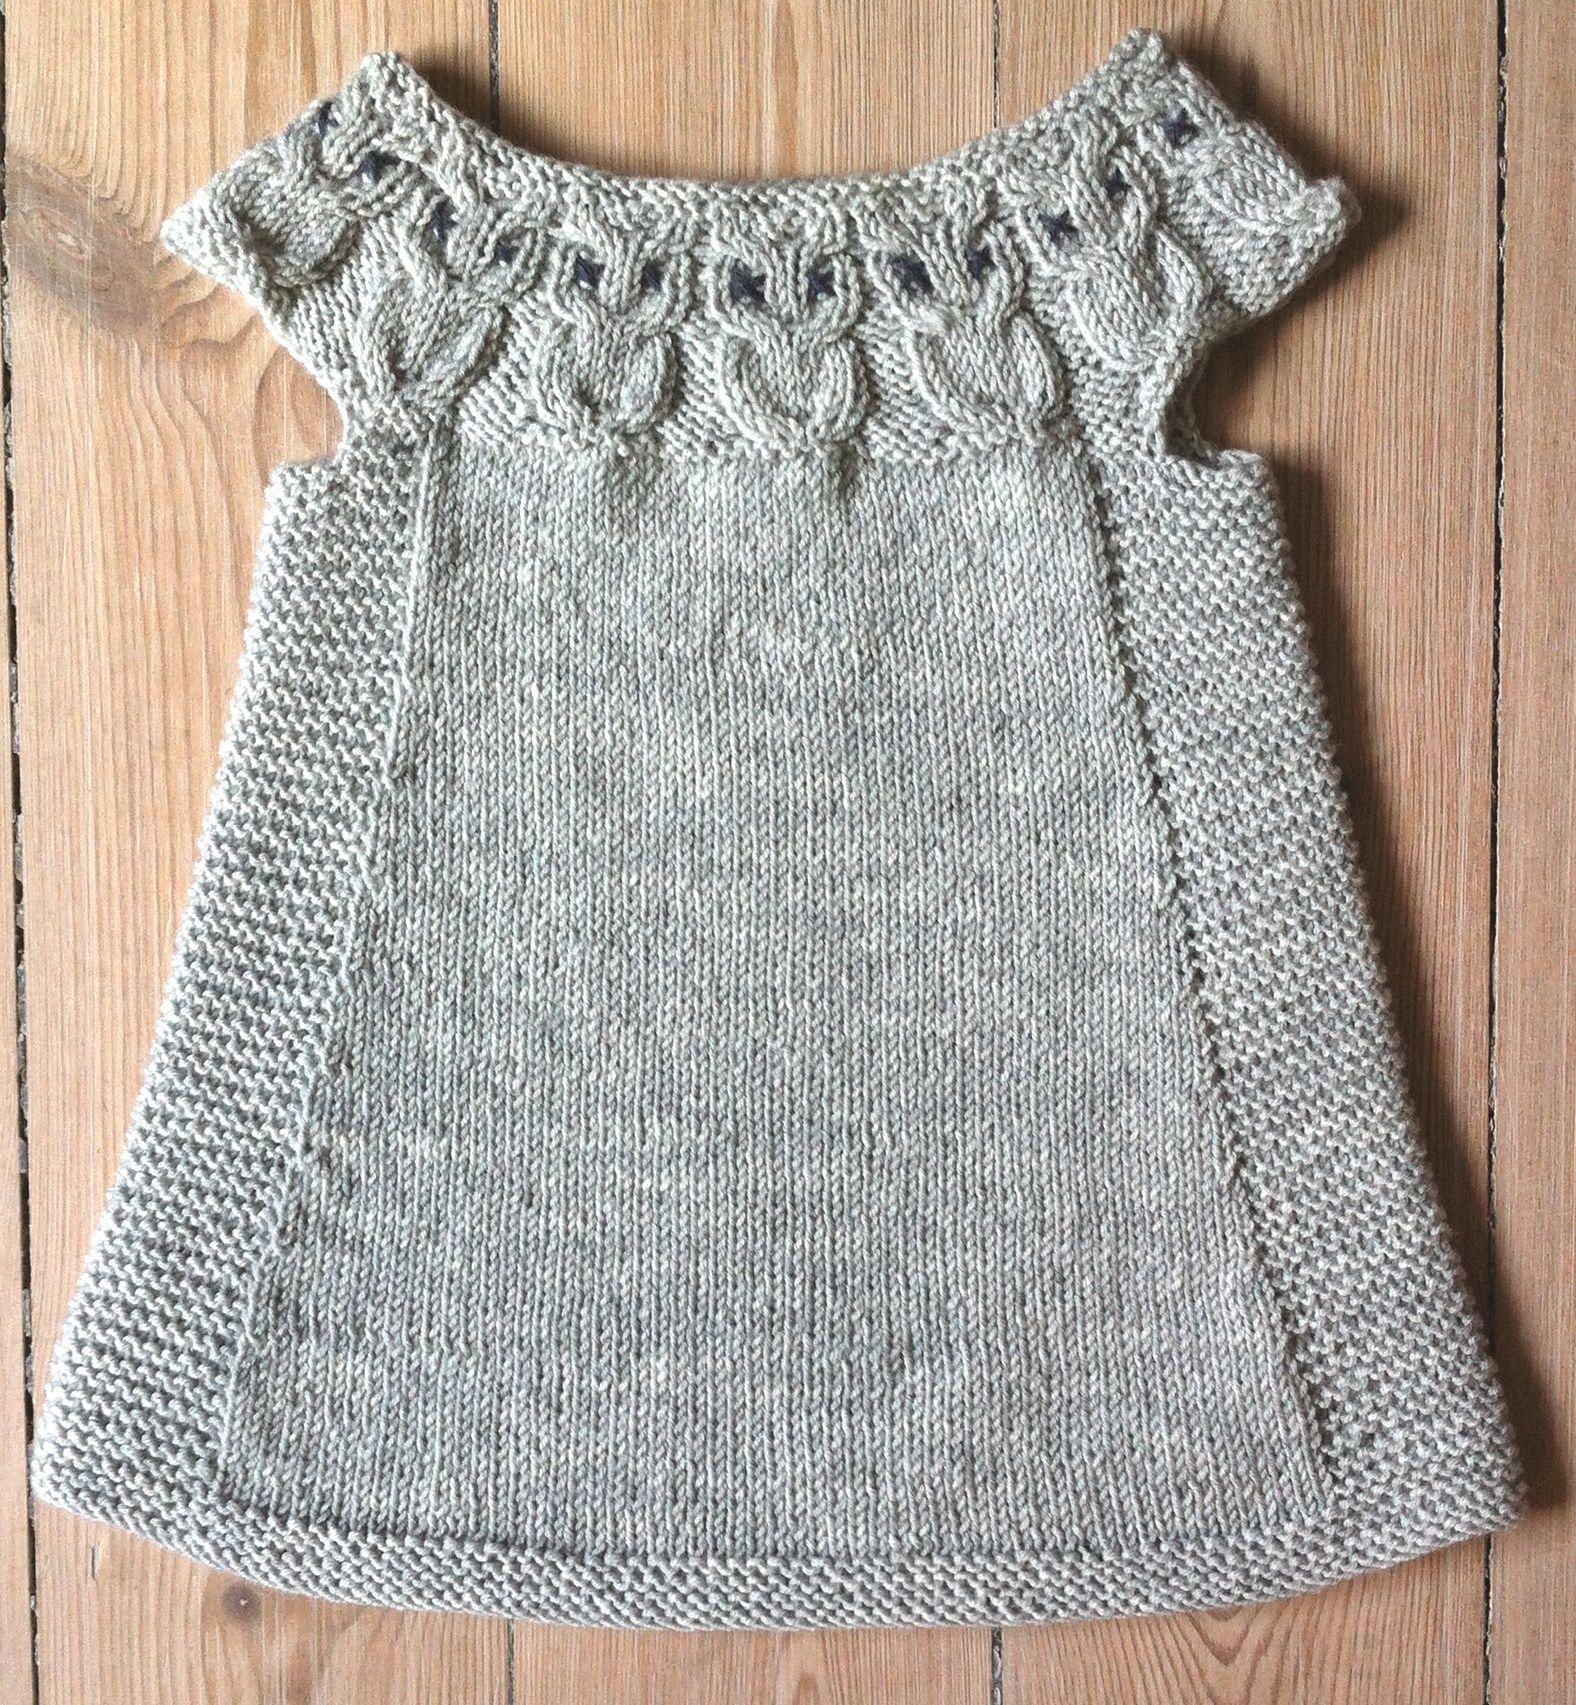 163, tunika med ugler i bærestykket   Babysachen, Stricken und Garn